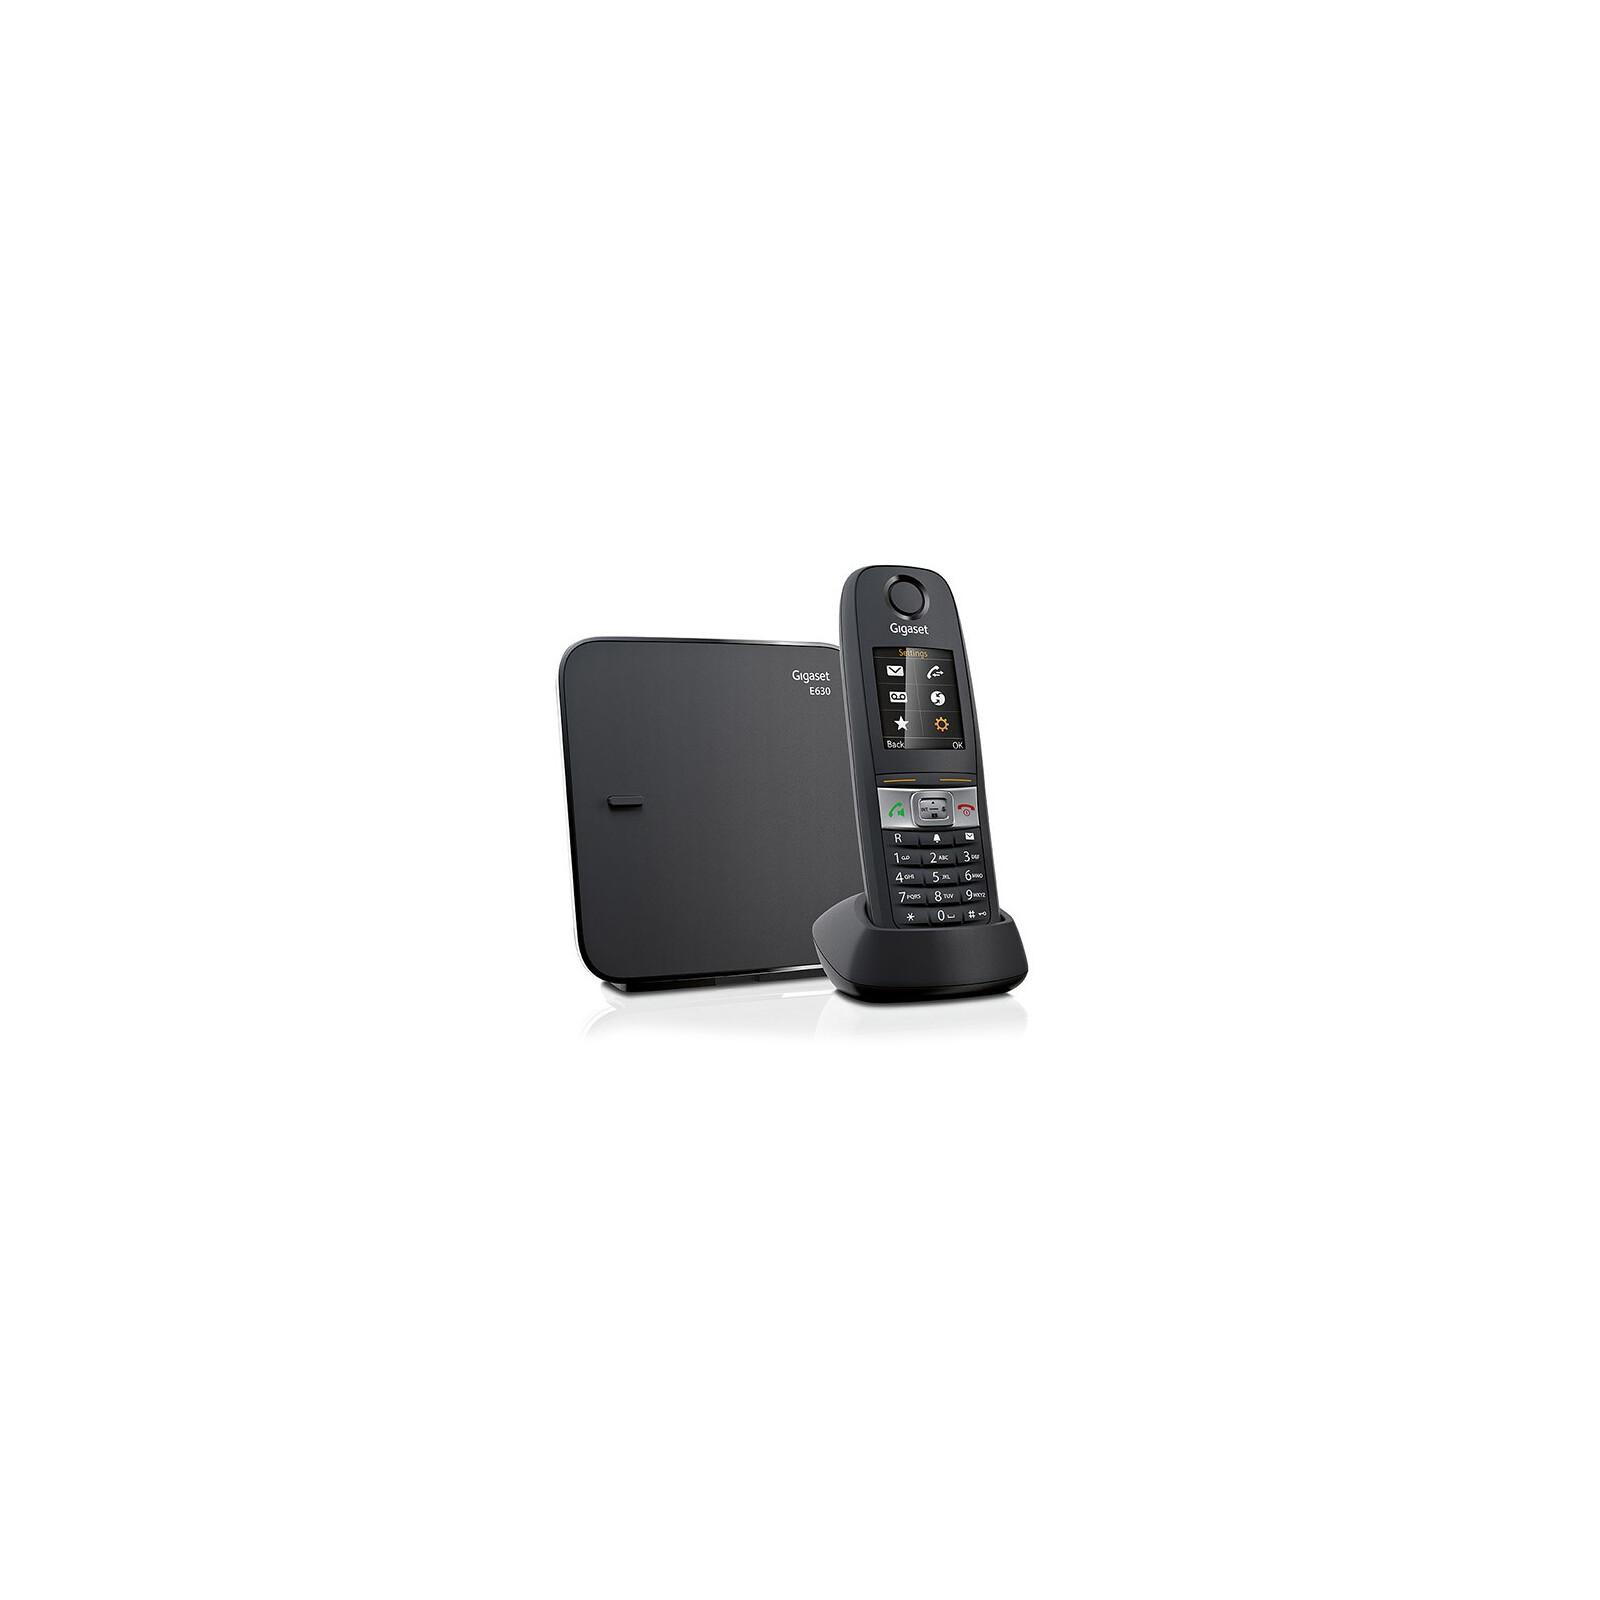 Gigaset E630 Schnurlostelefon black